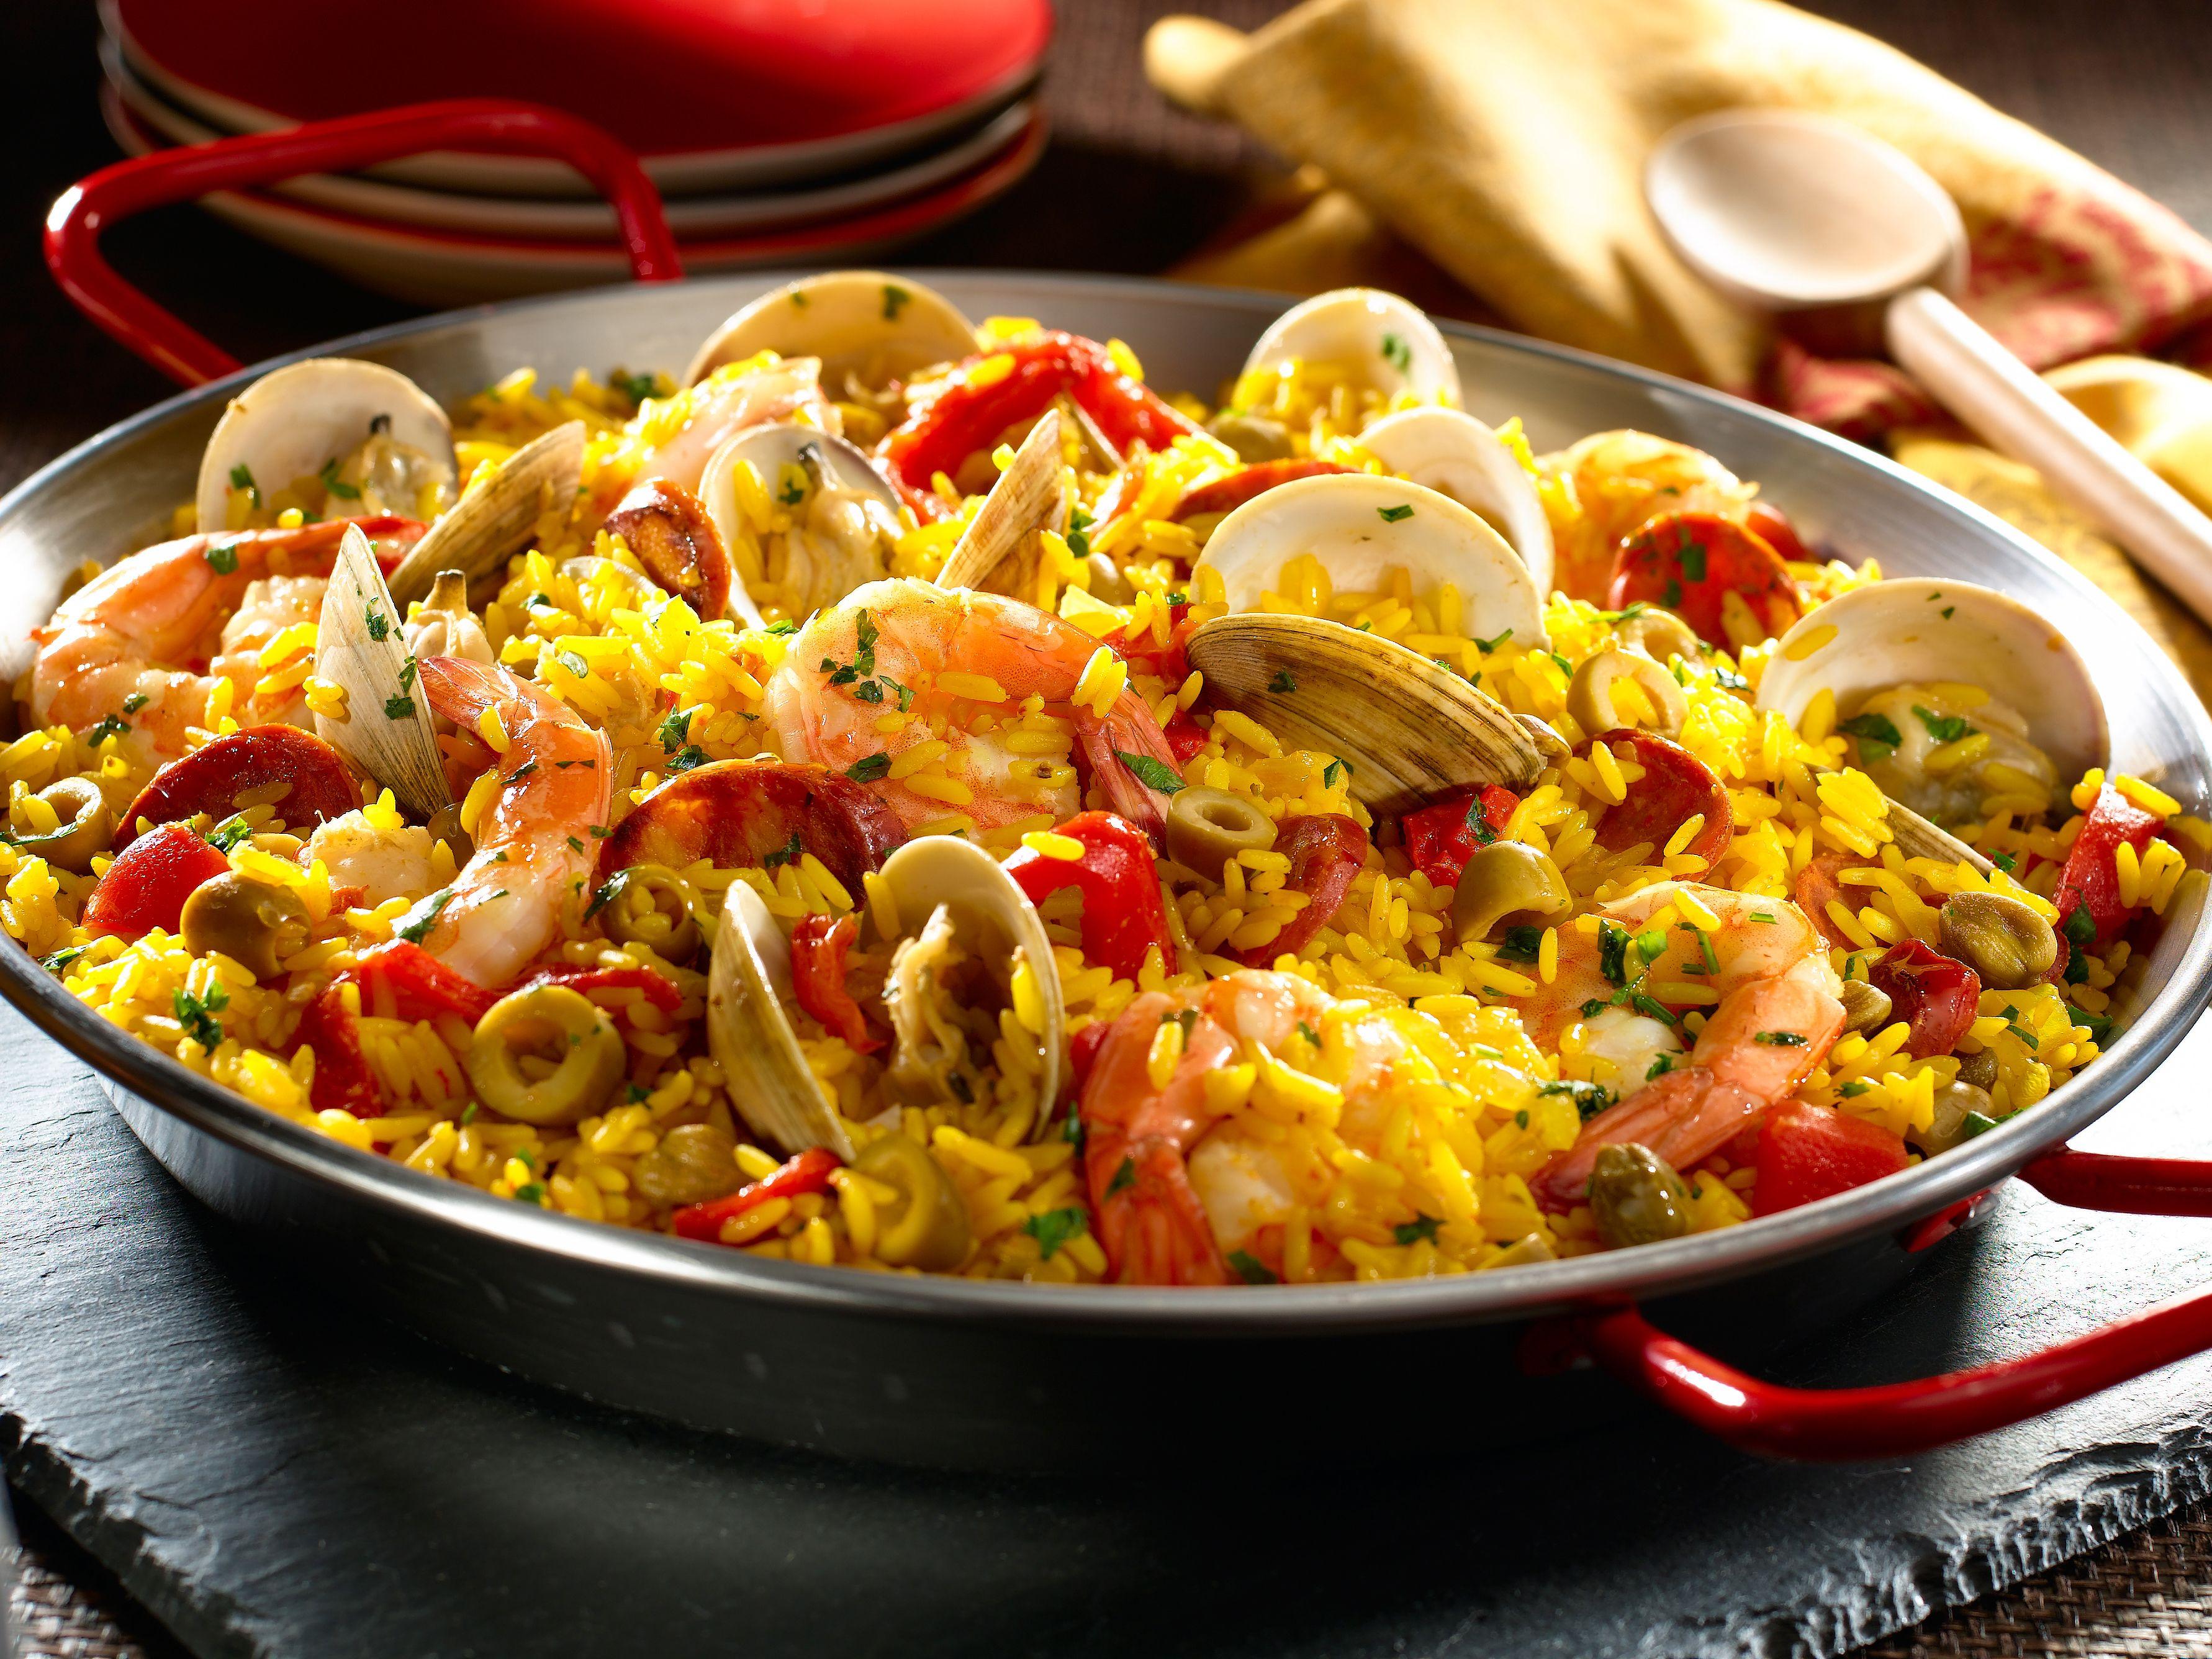 испанская кухня рецепты с фото в домашних условиях квадратная заказ